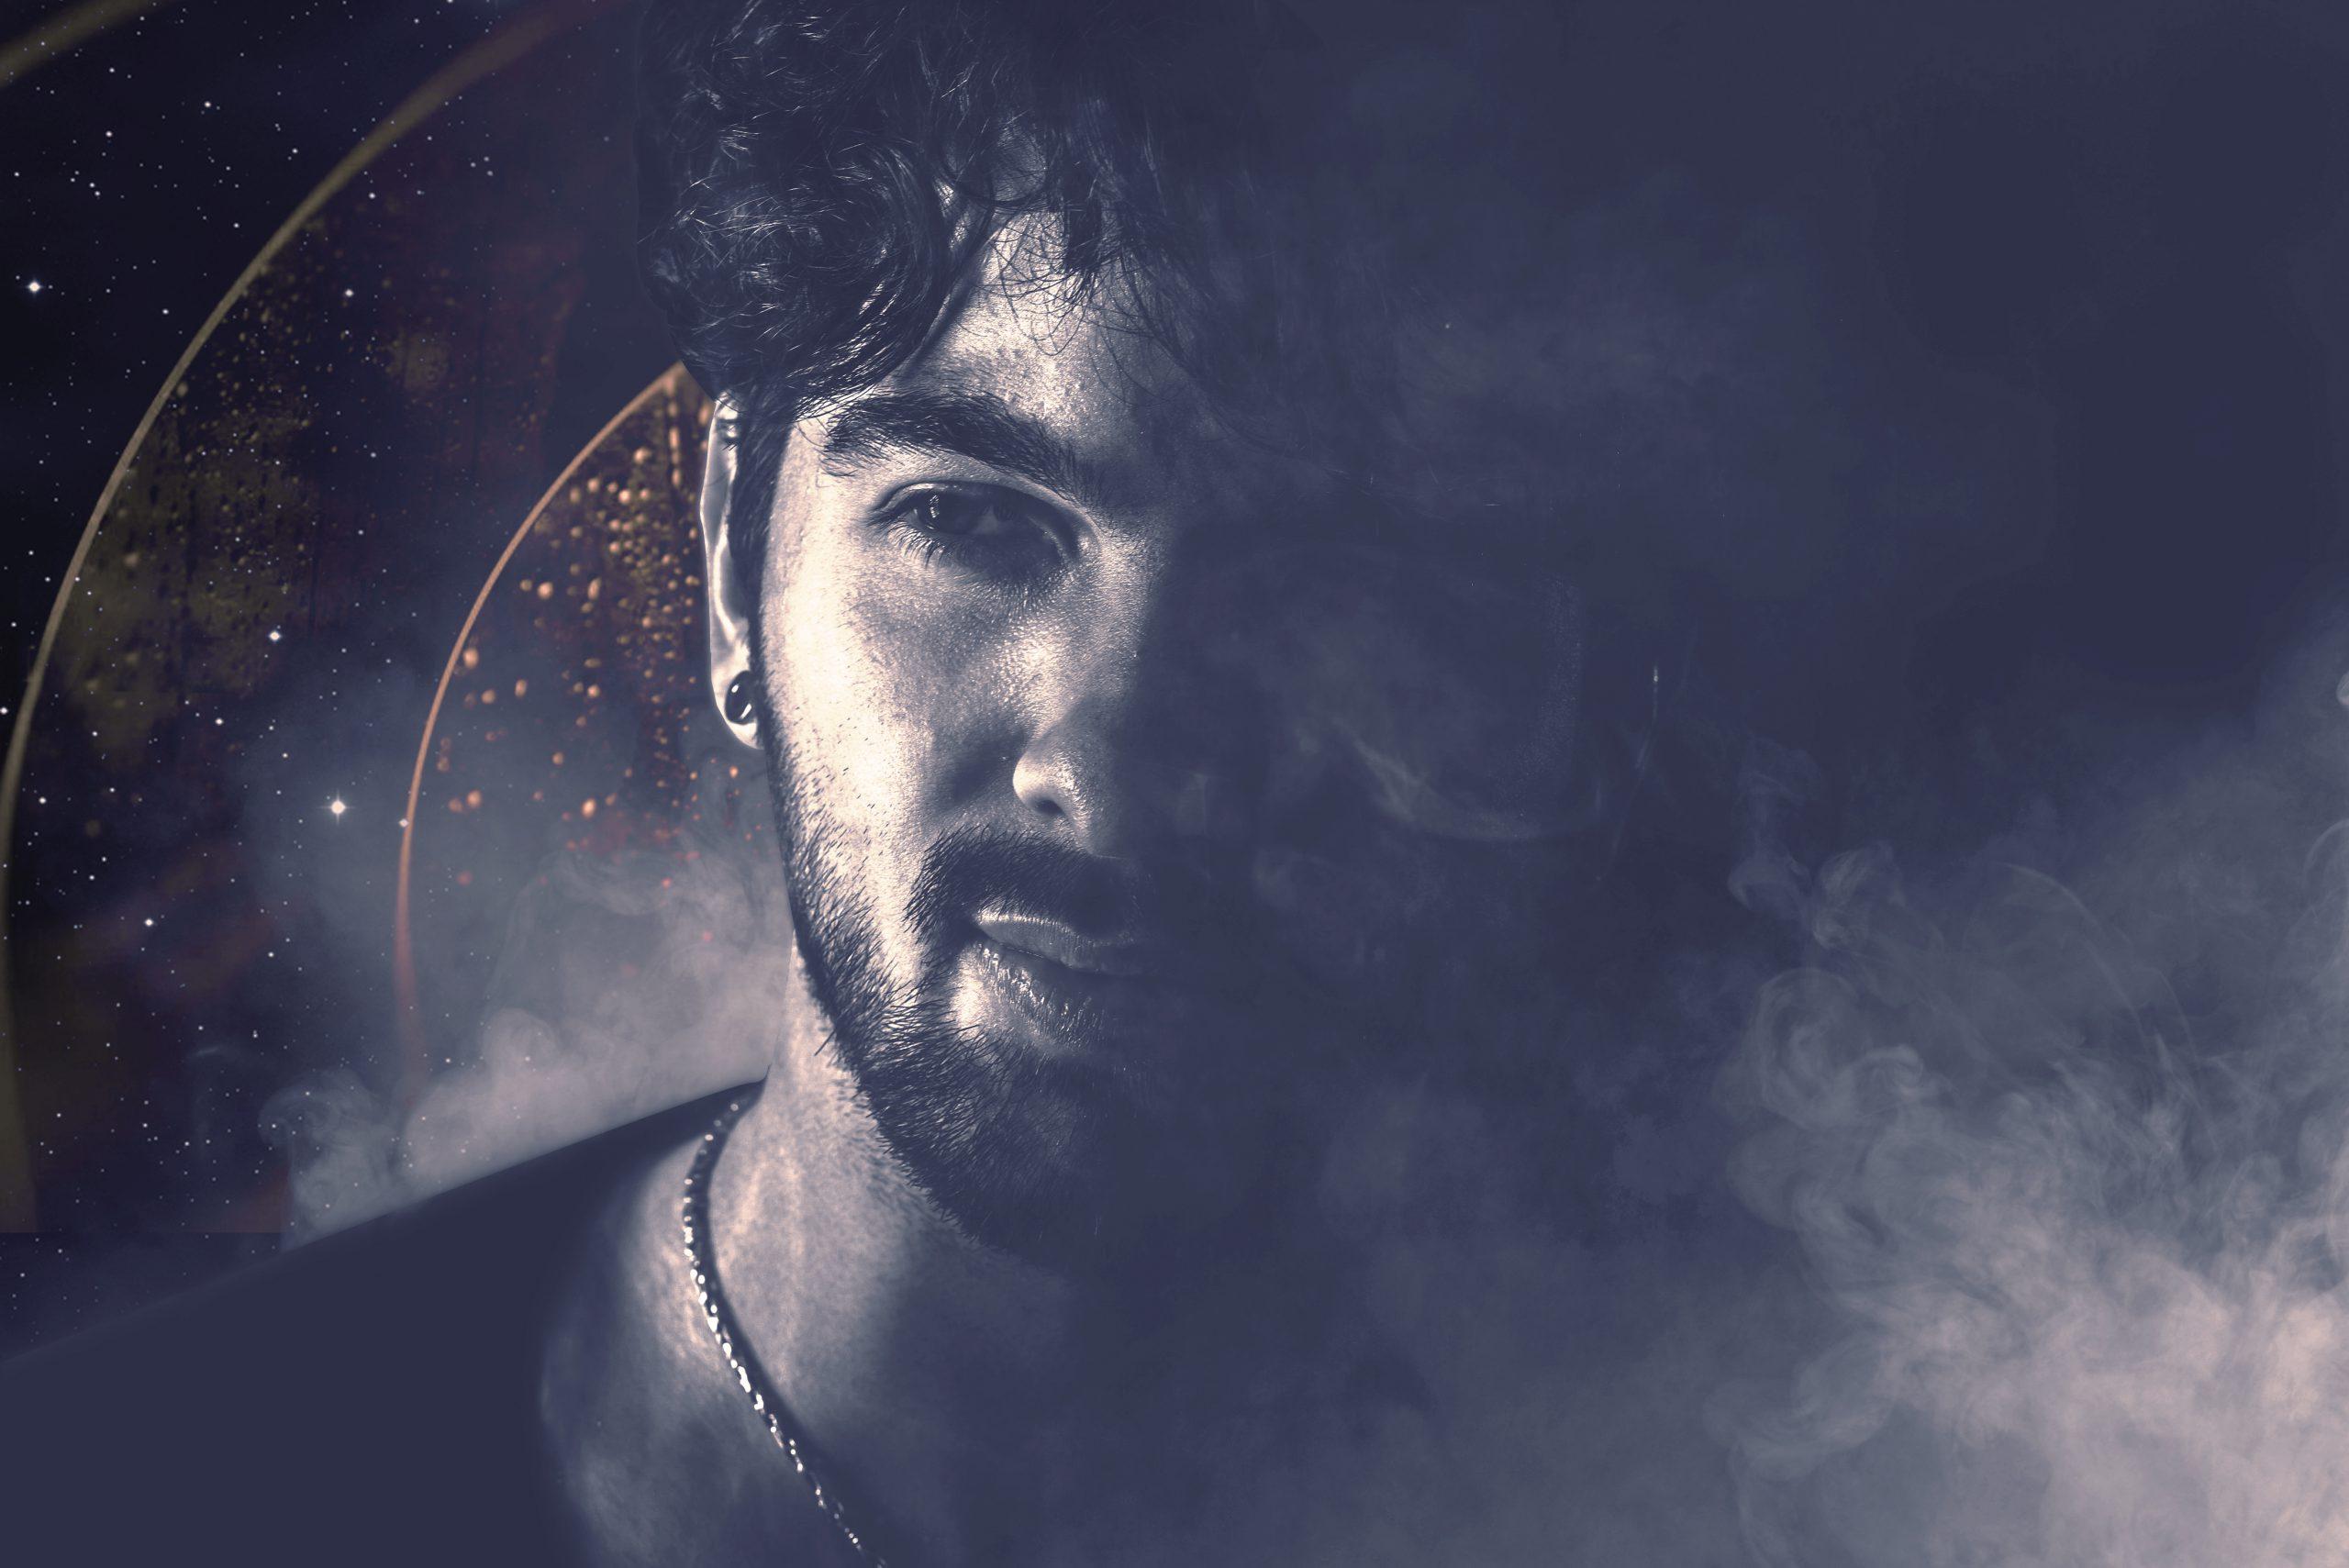 Santiago Vaina presenta su álbum debut como solista